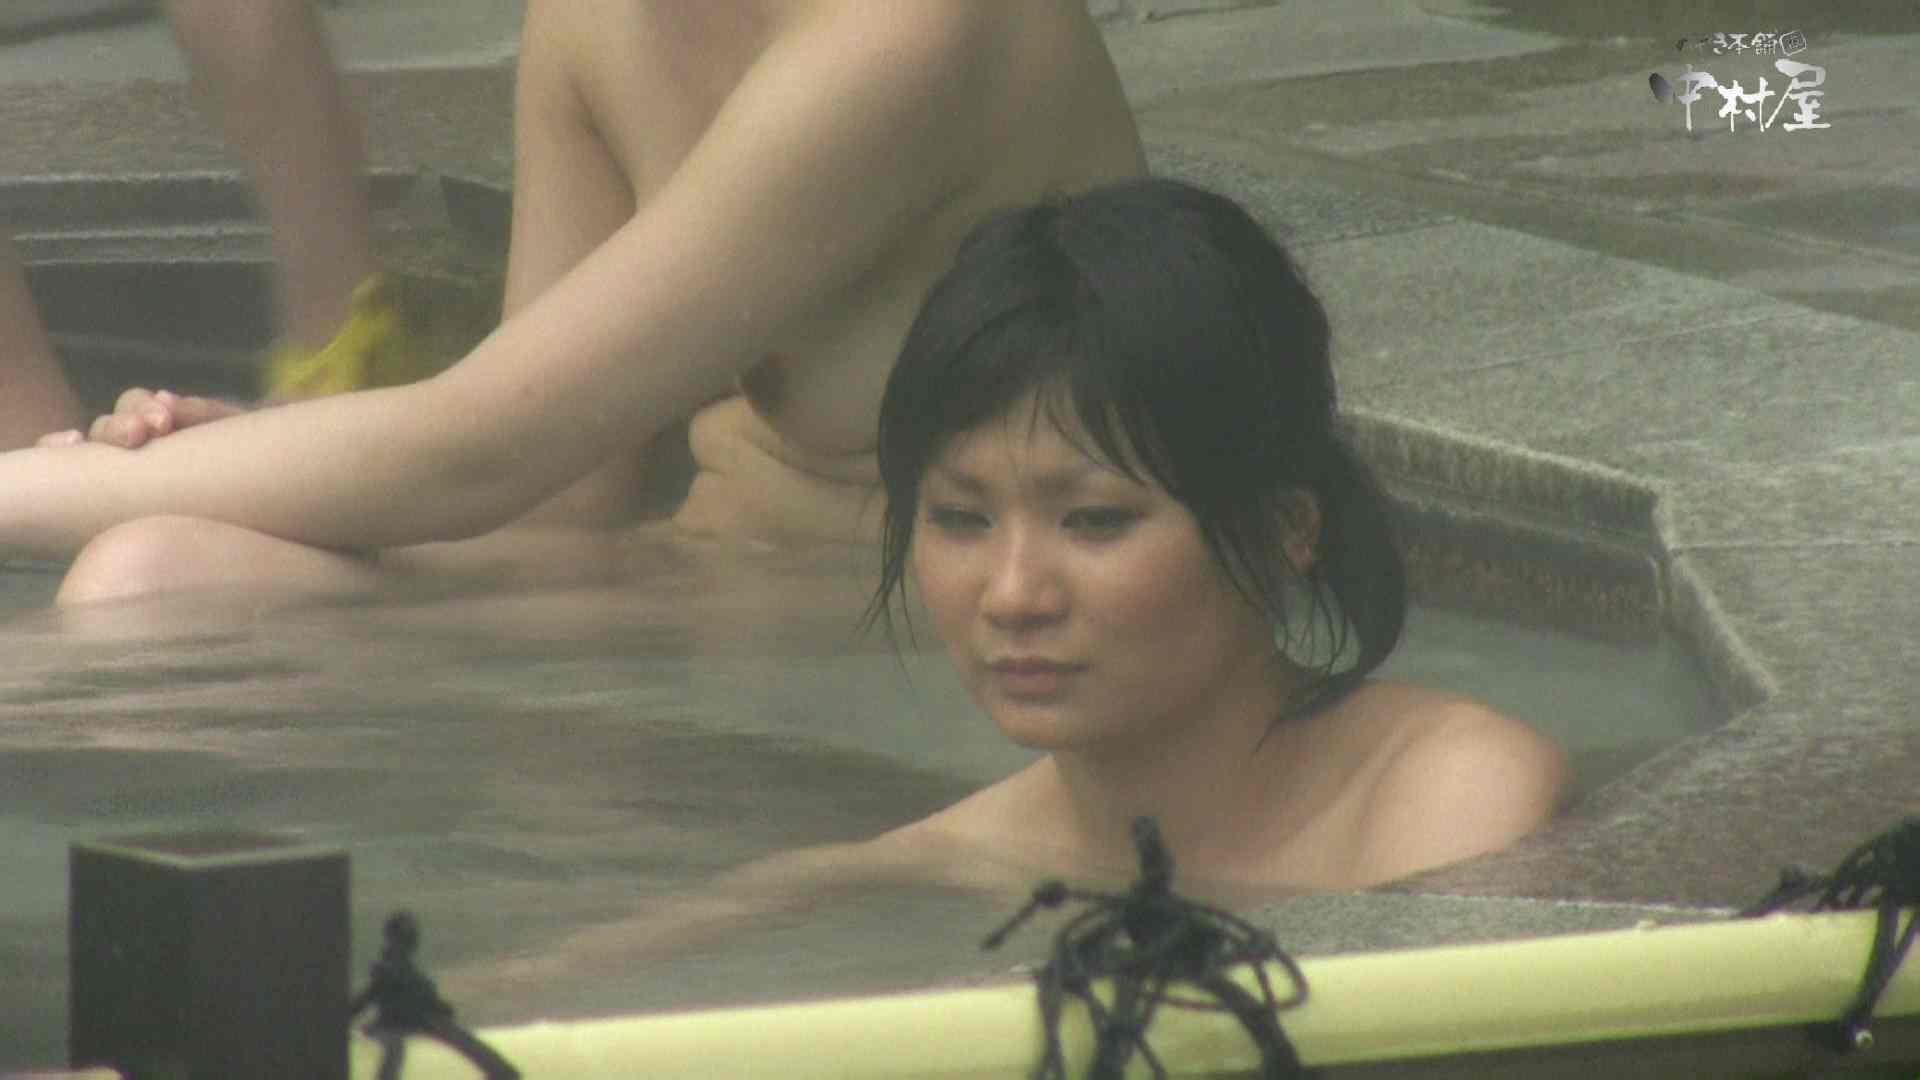 Aquaな露天風呂Vol.890 盗撮シリーズ  93PIX 16